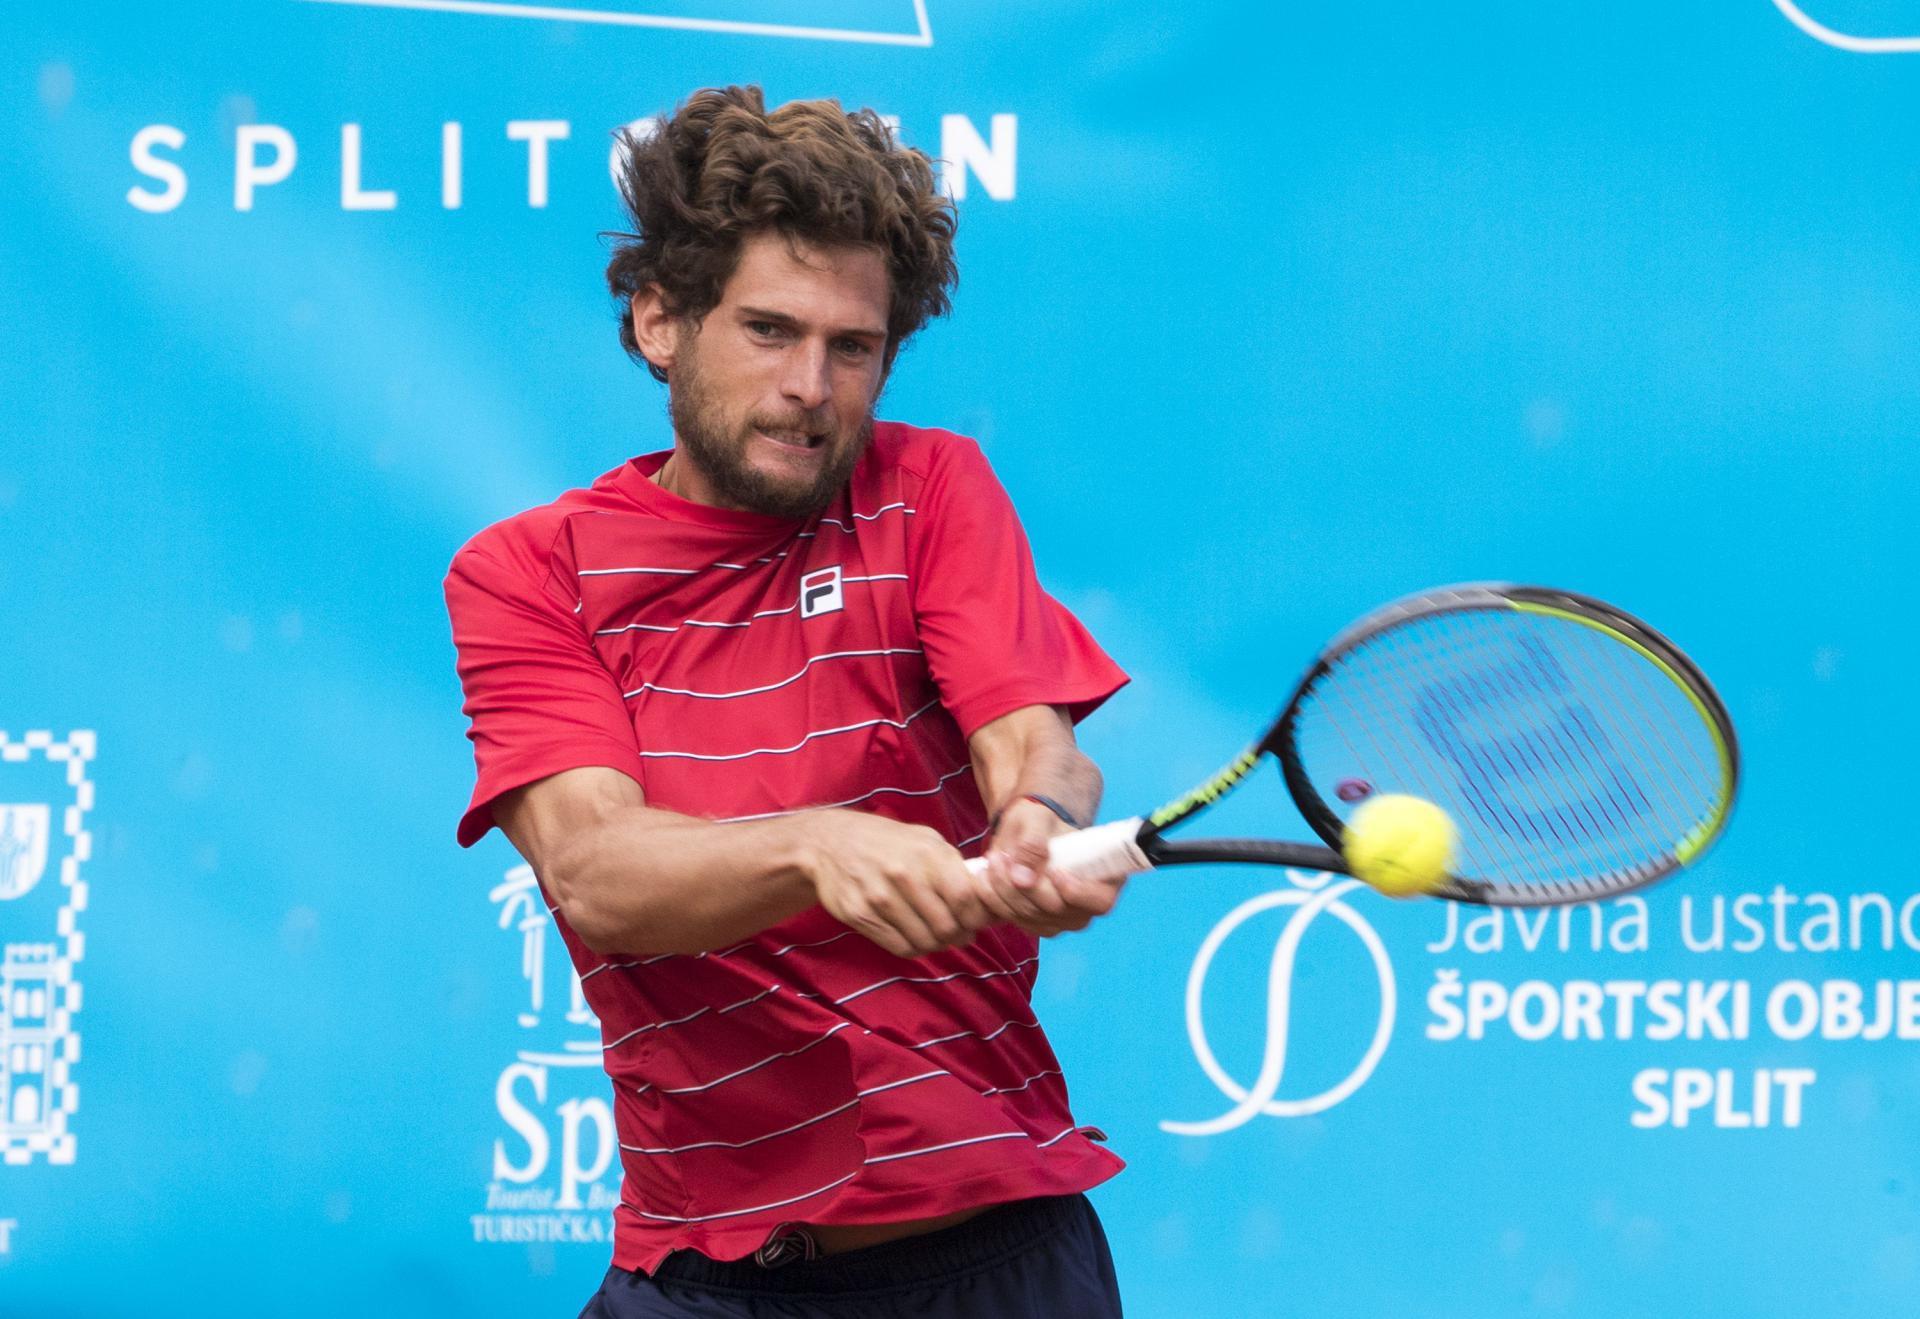 Ana Konjuh i Borna Gojo ostali bez finala ITF turnira u Reimsu i Istanbulu